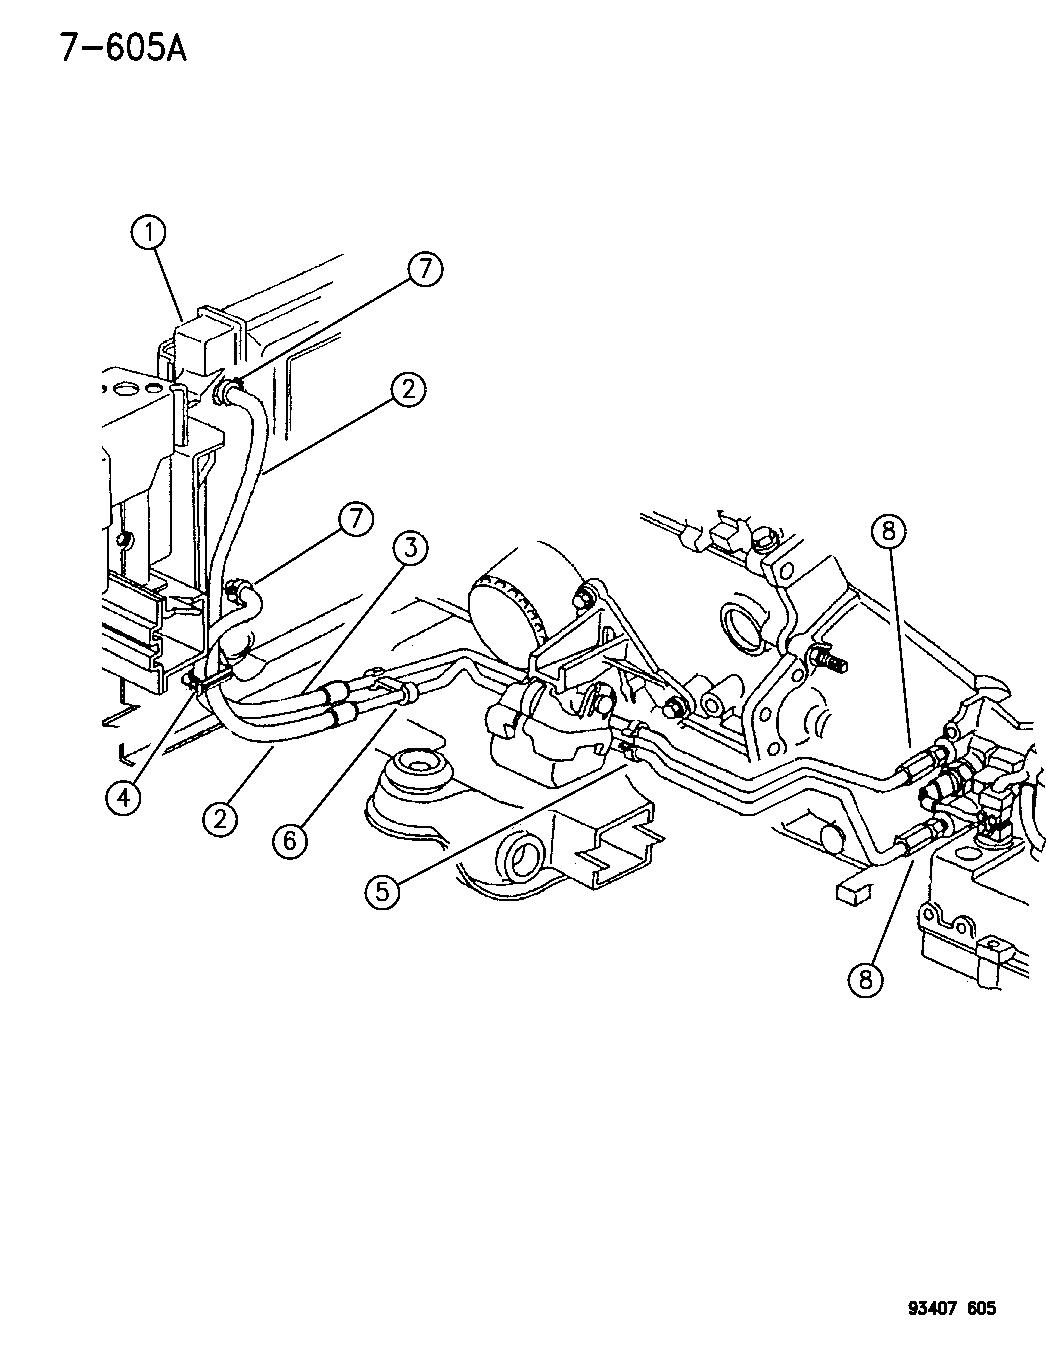 1996 Dodge Intrepid Transmission Oil Cooler Mopar Parts Giant